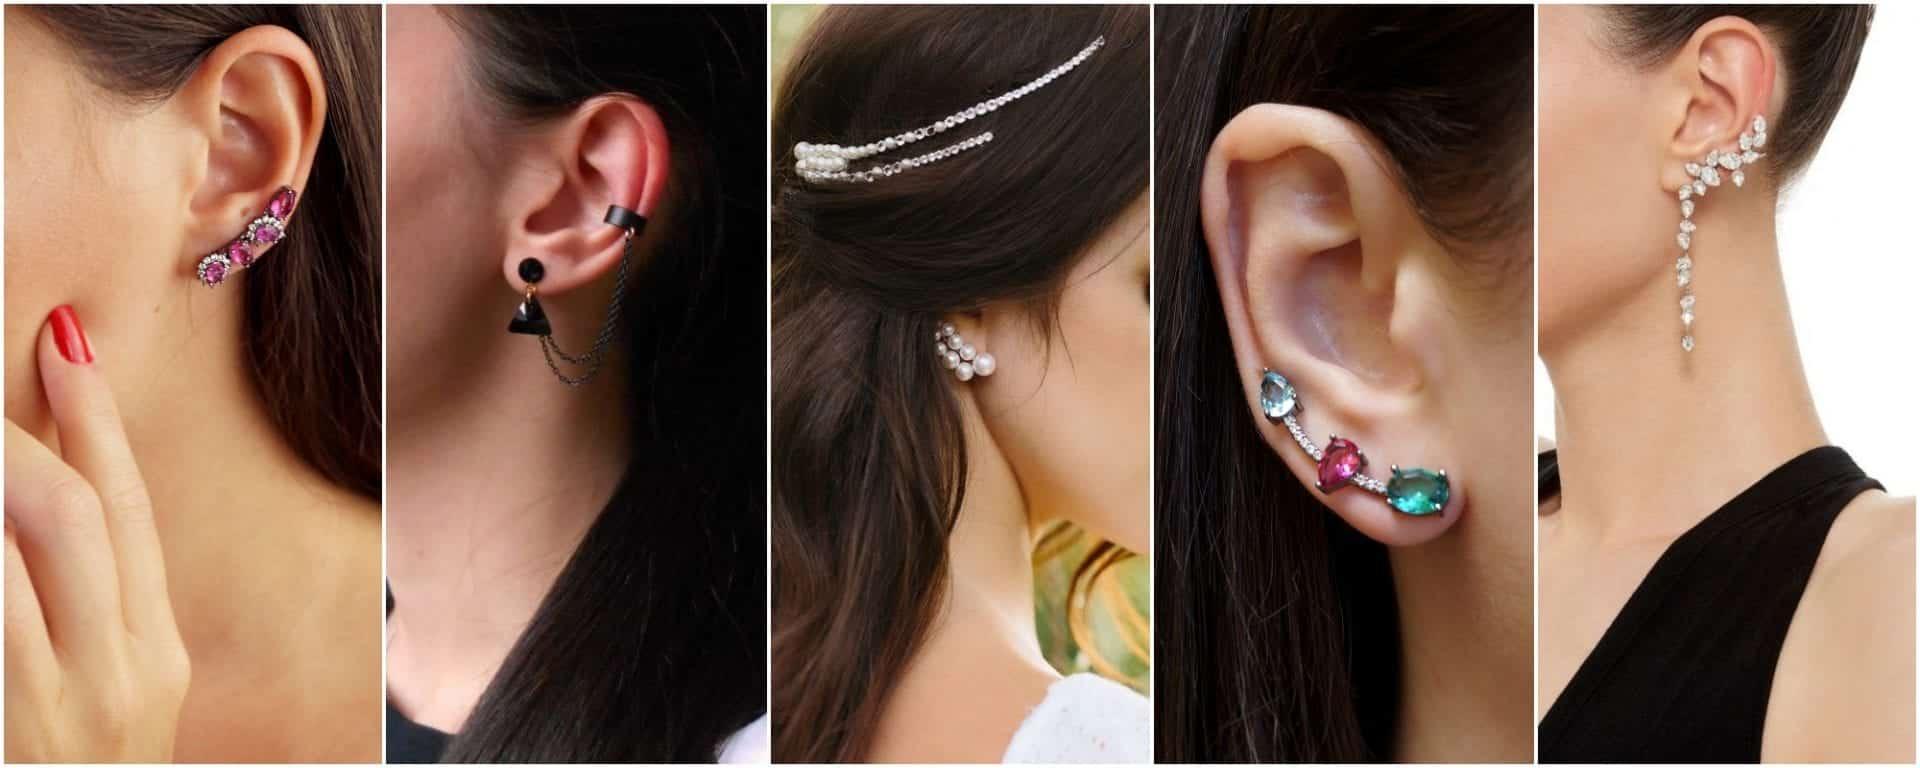 Ear cuff - O que é, como usar e 5 vantagens em usar na orelha